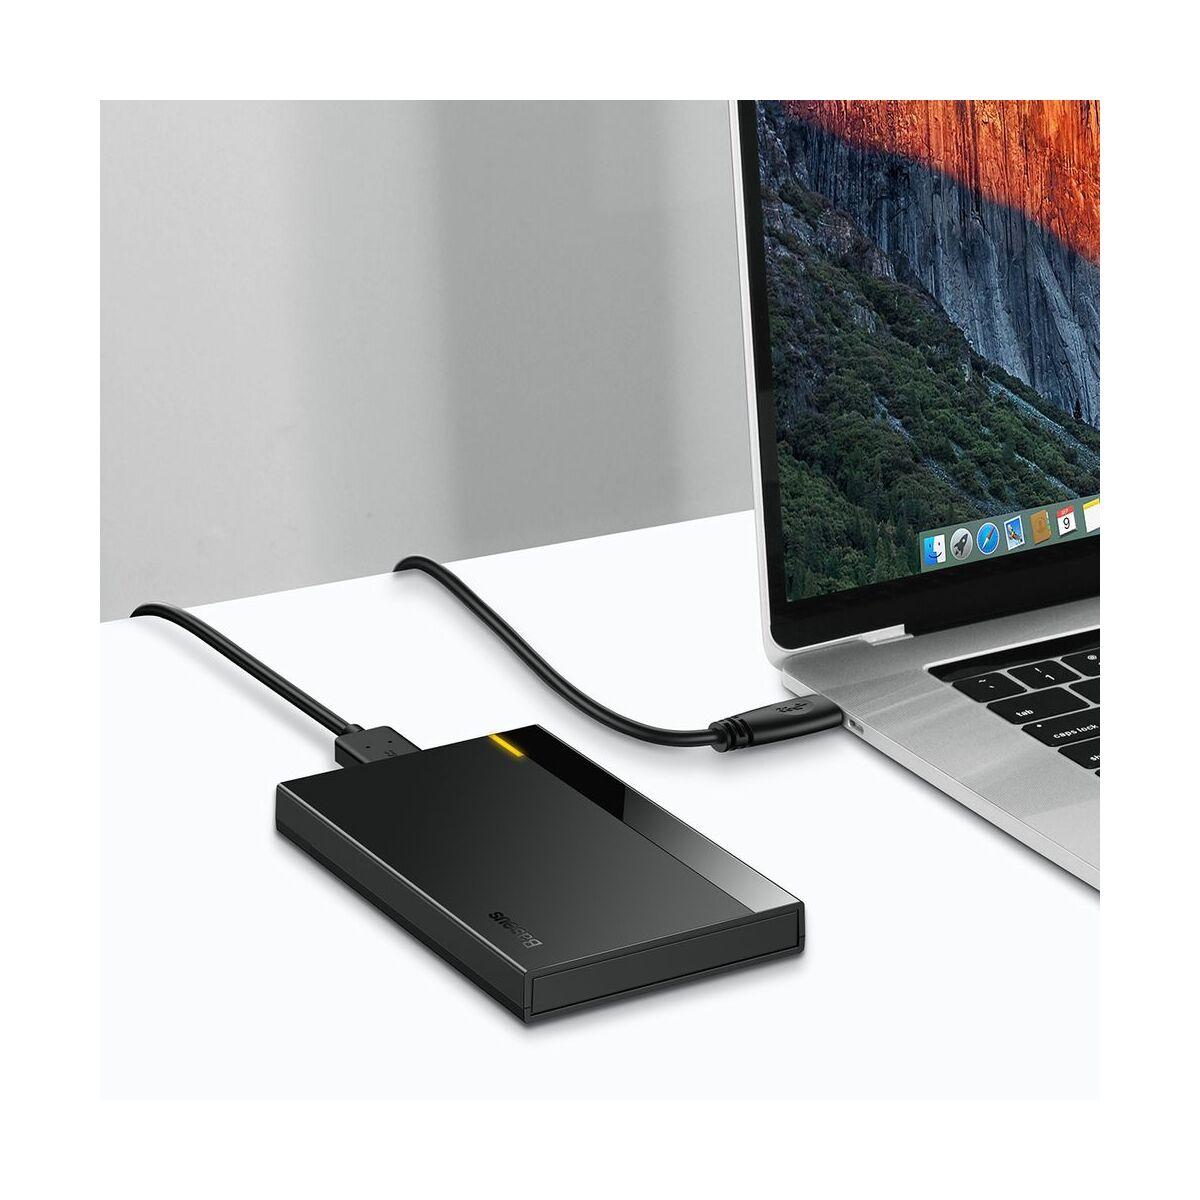 Baseus kiegészítő, HDD / SSD 2,5 inch merevlemez ház, (Micro USB), 50cm kábel hossz, műanyag ház, fekete (CAYPH-A01)